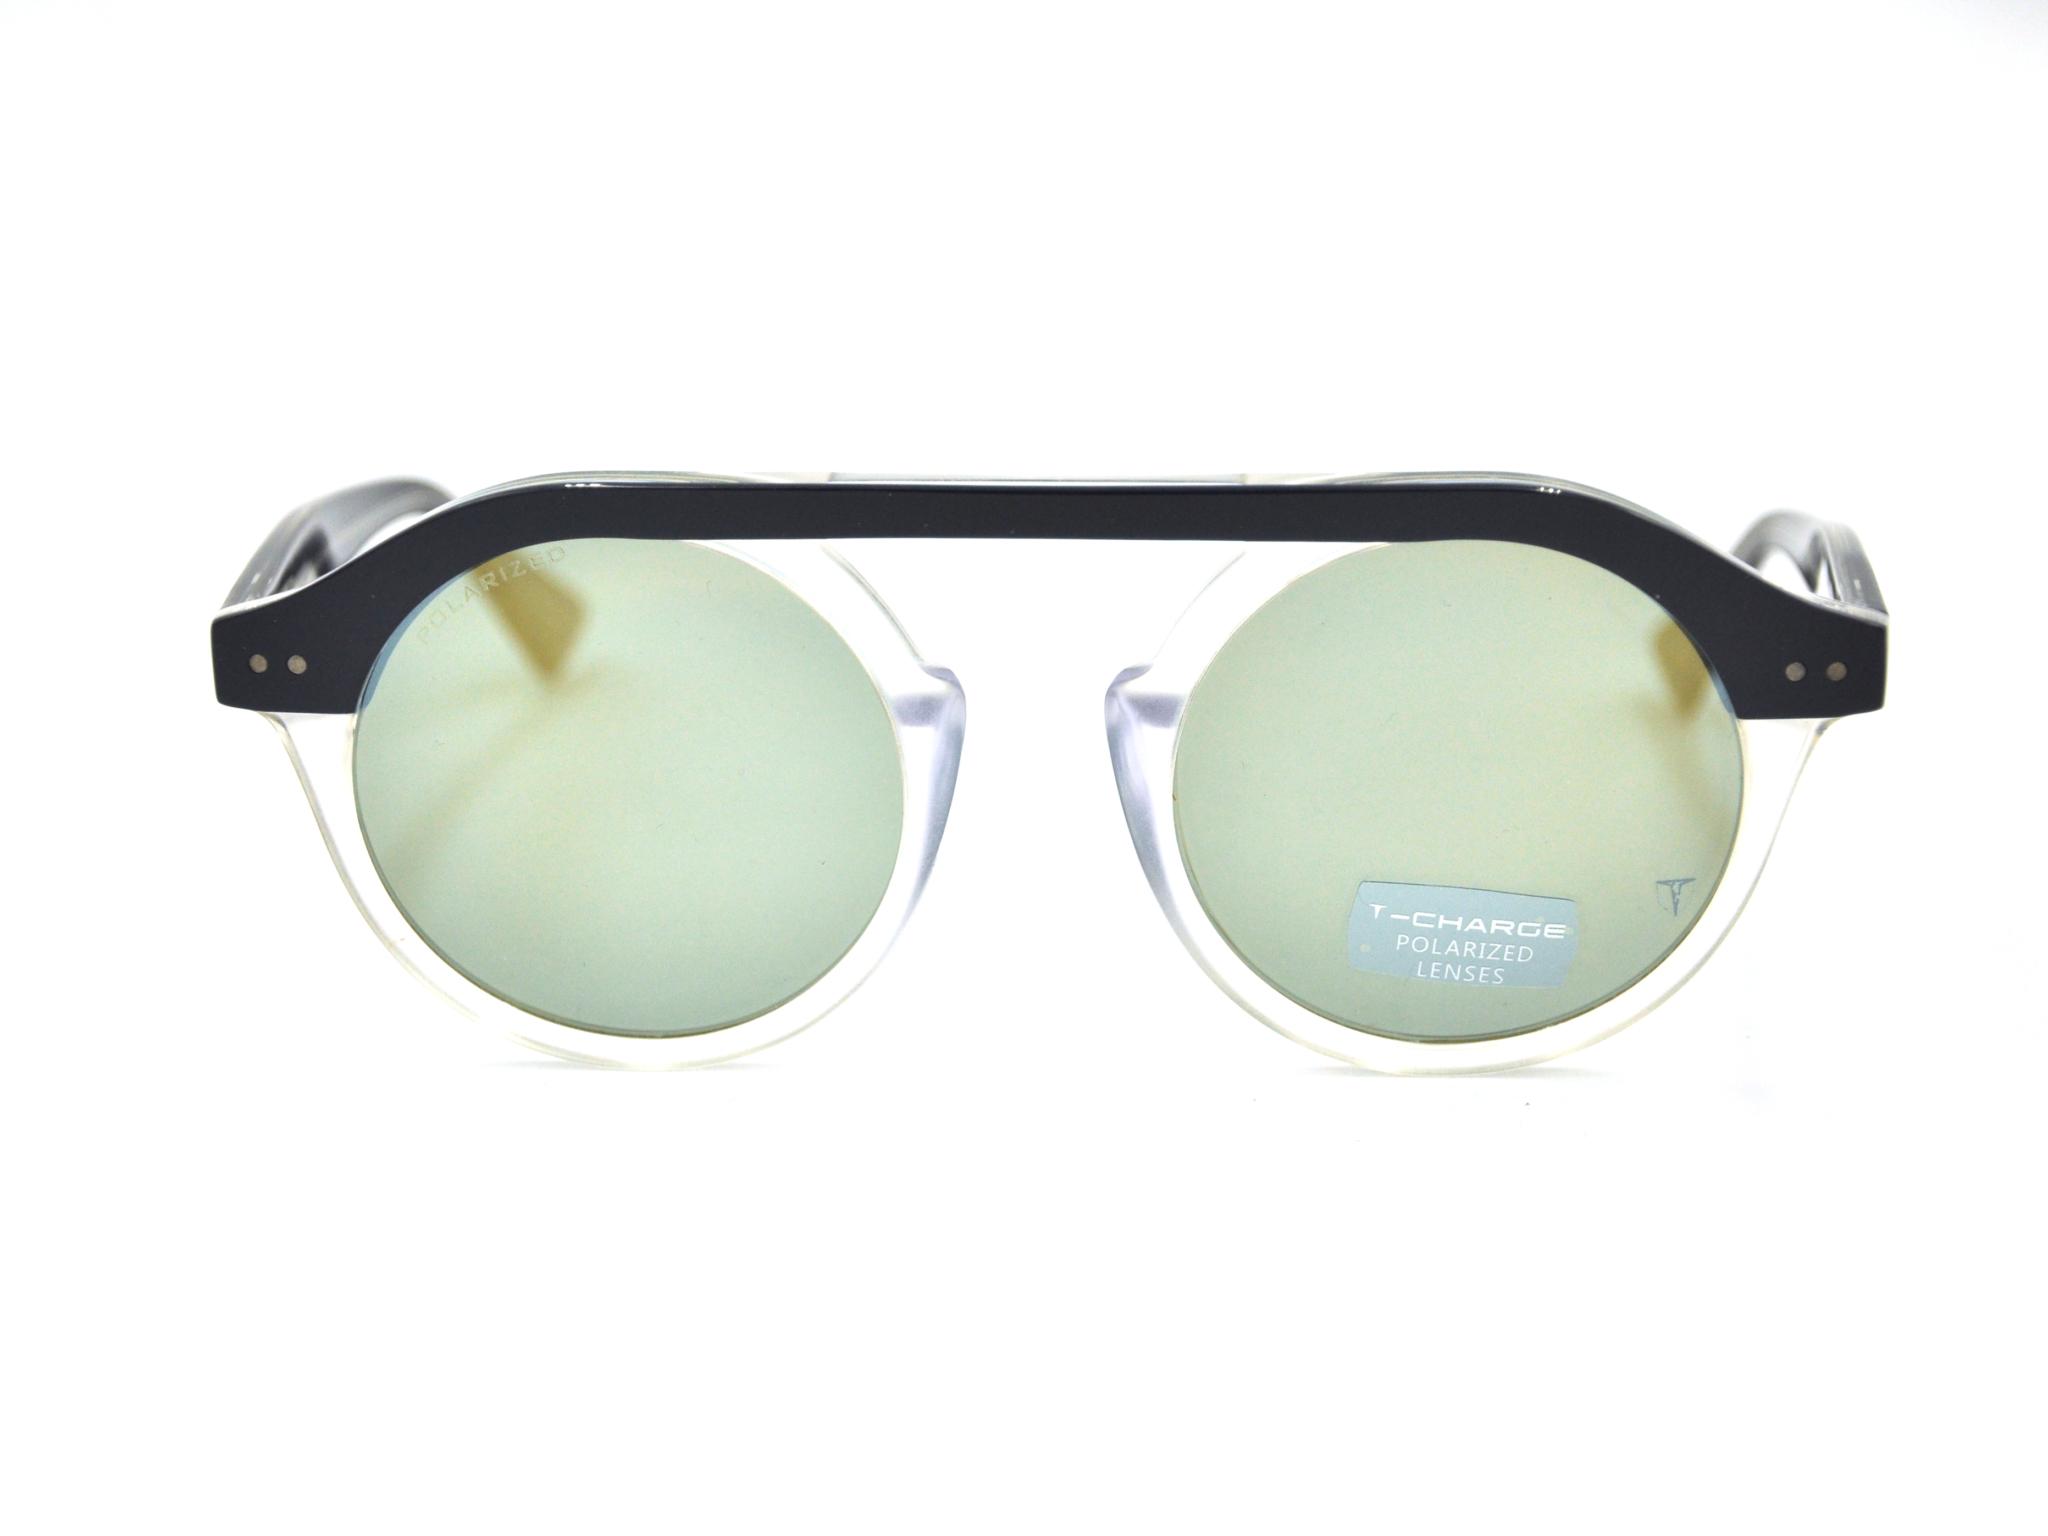 Γυαλιά ηλίου T-CHARGE T9091 HG1 ΑΝΔΡΙΚΑ ΓΥΑΛΙΑ ΗΛΙΟΥ 2020